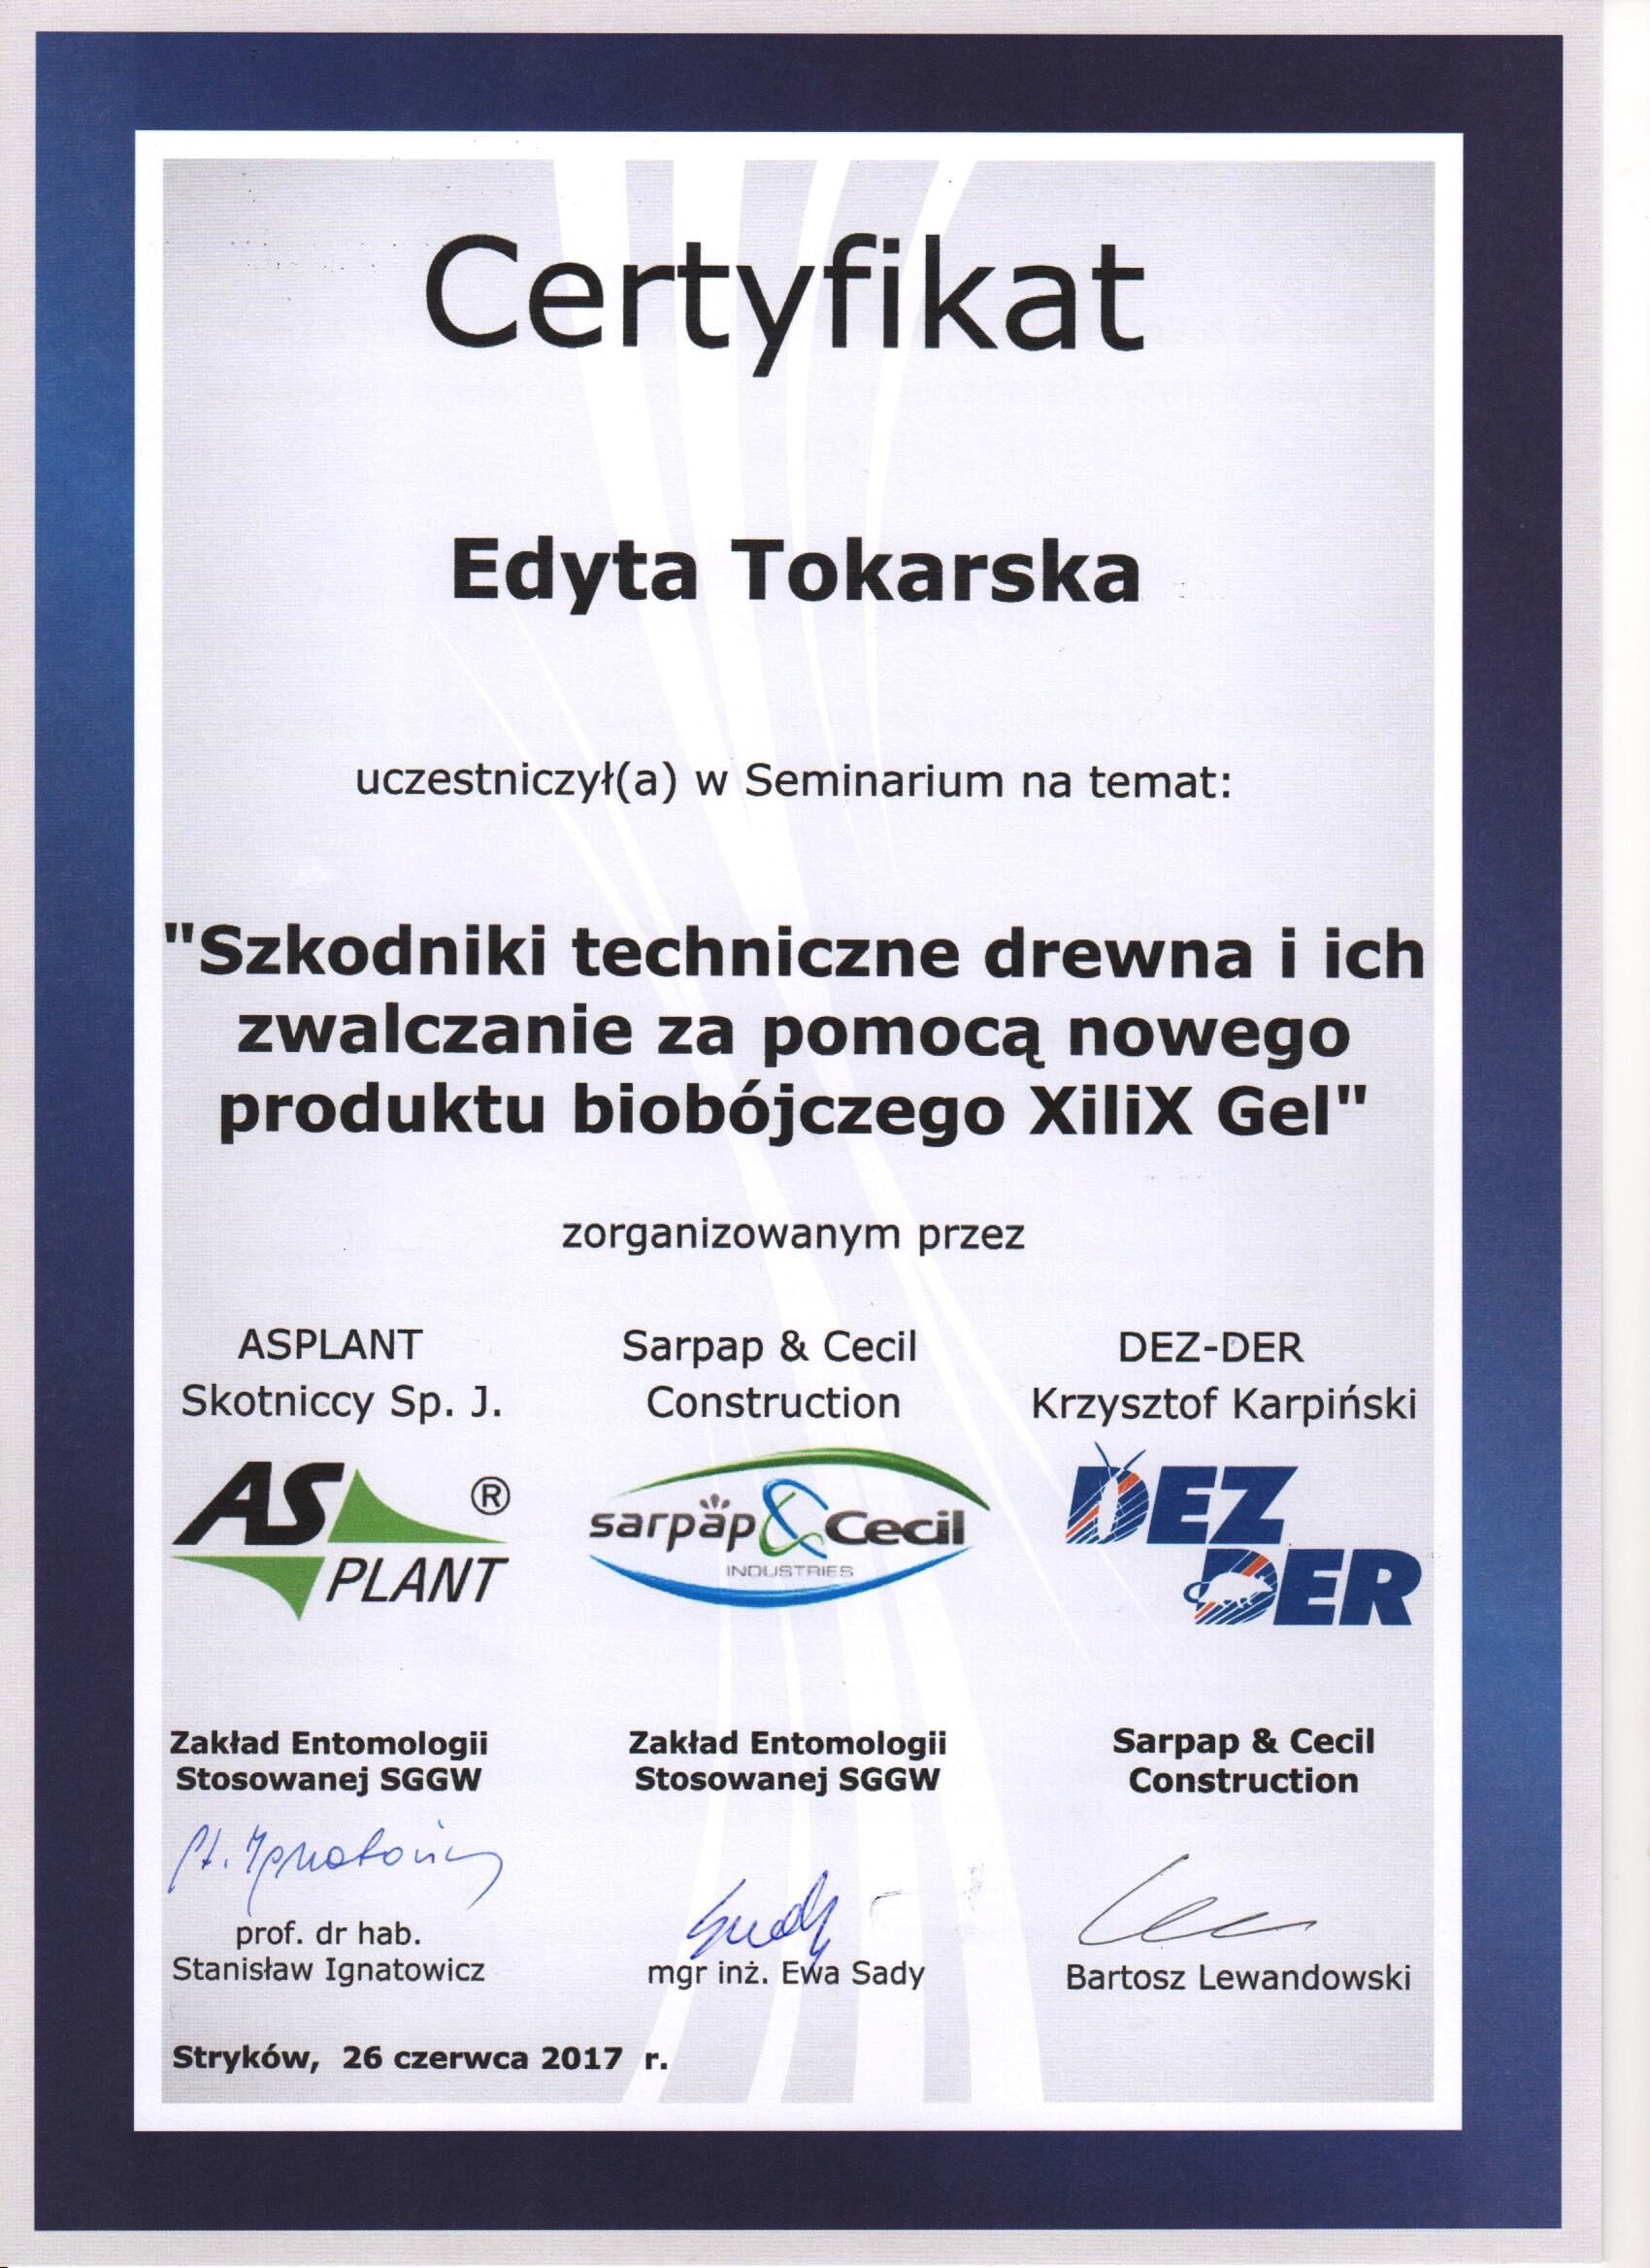 Zwalczanie szkodników drewna za pomocą nowego produktu biobójczego Xilix Gel